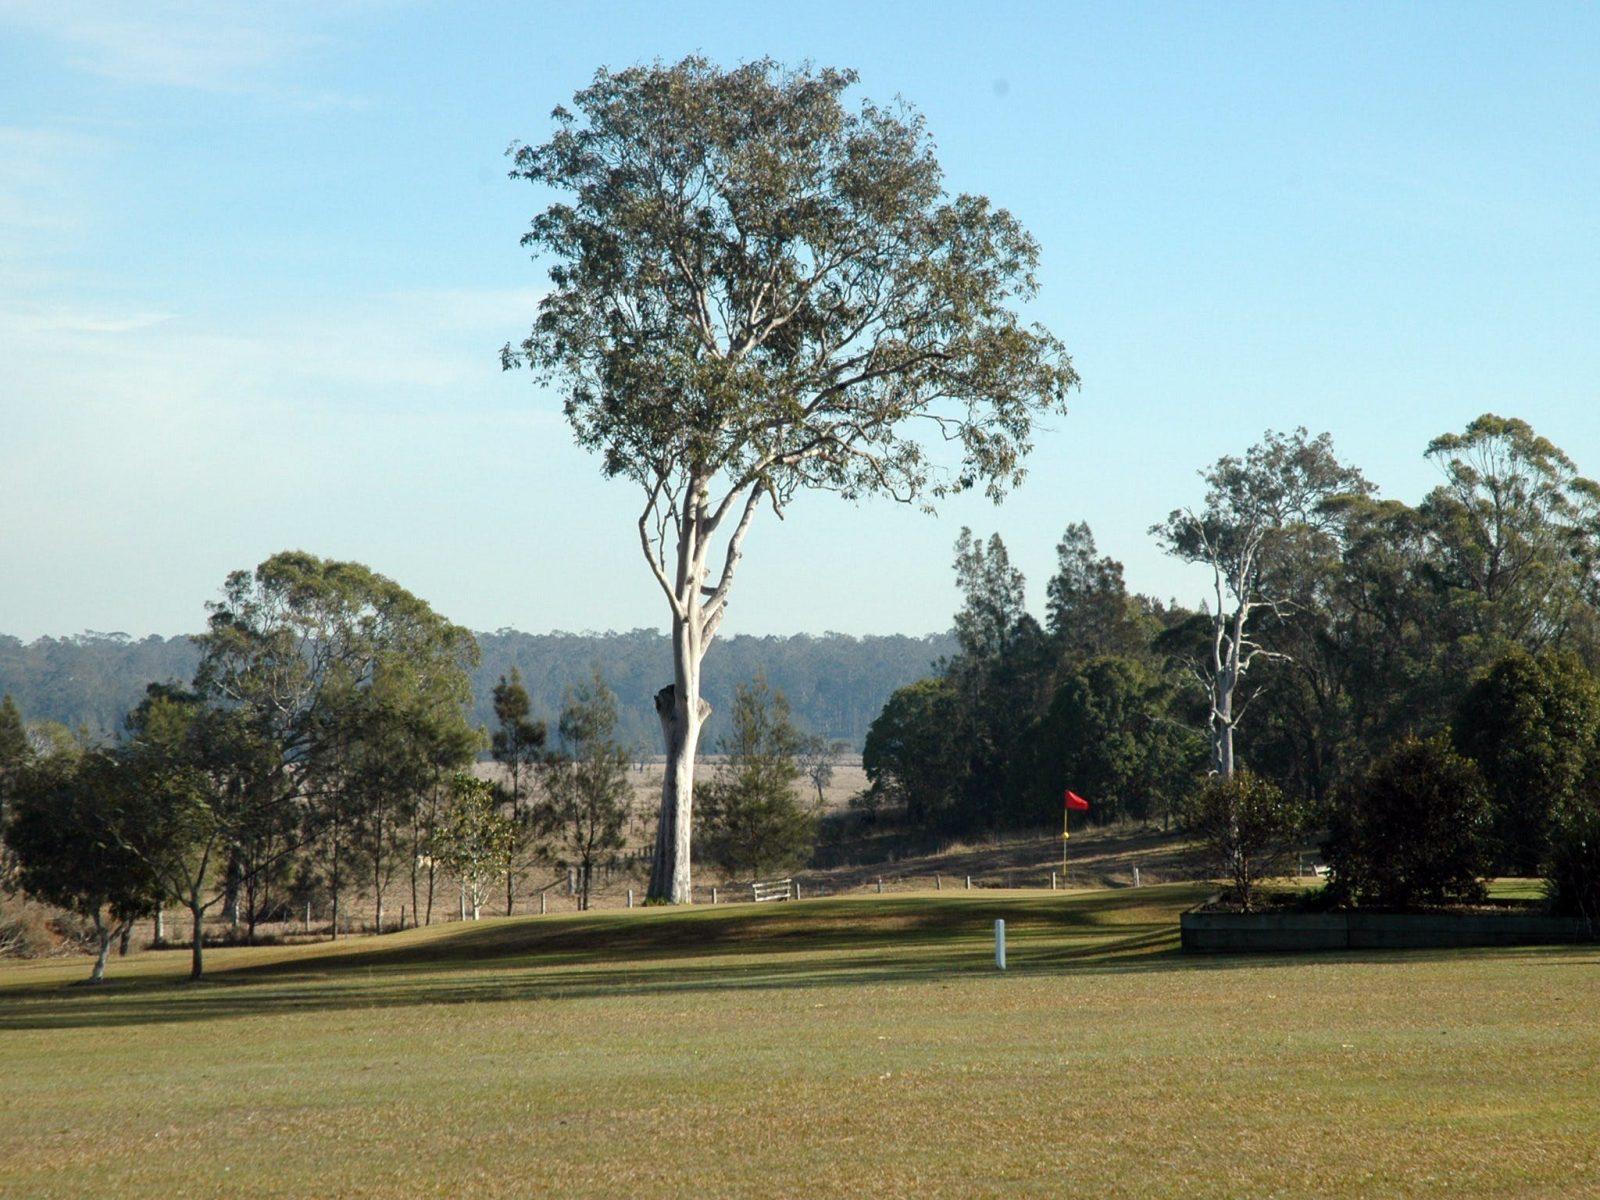 /Golf Course